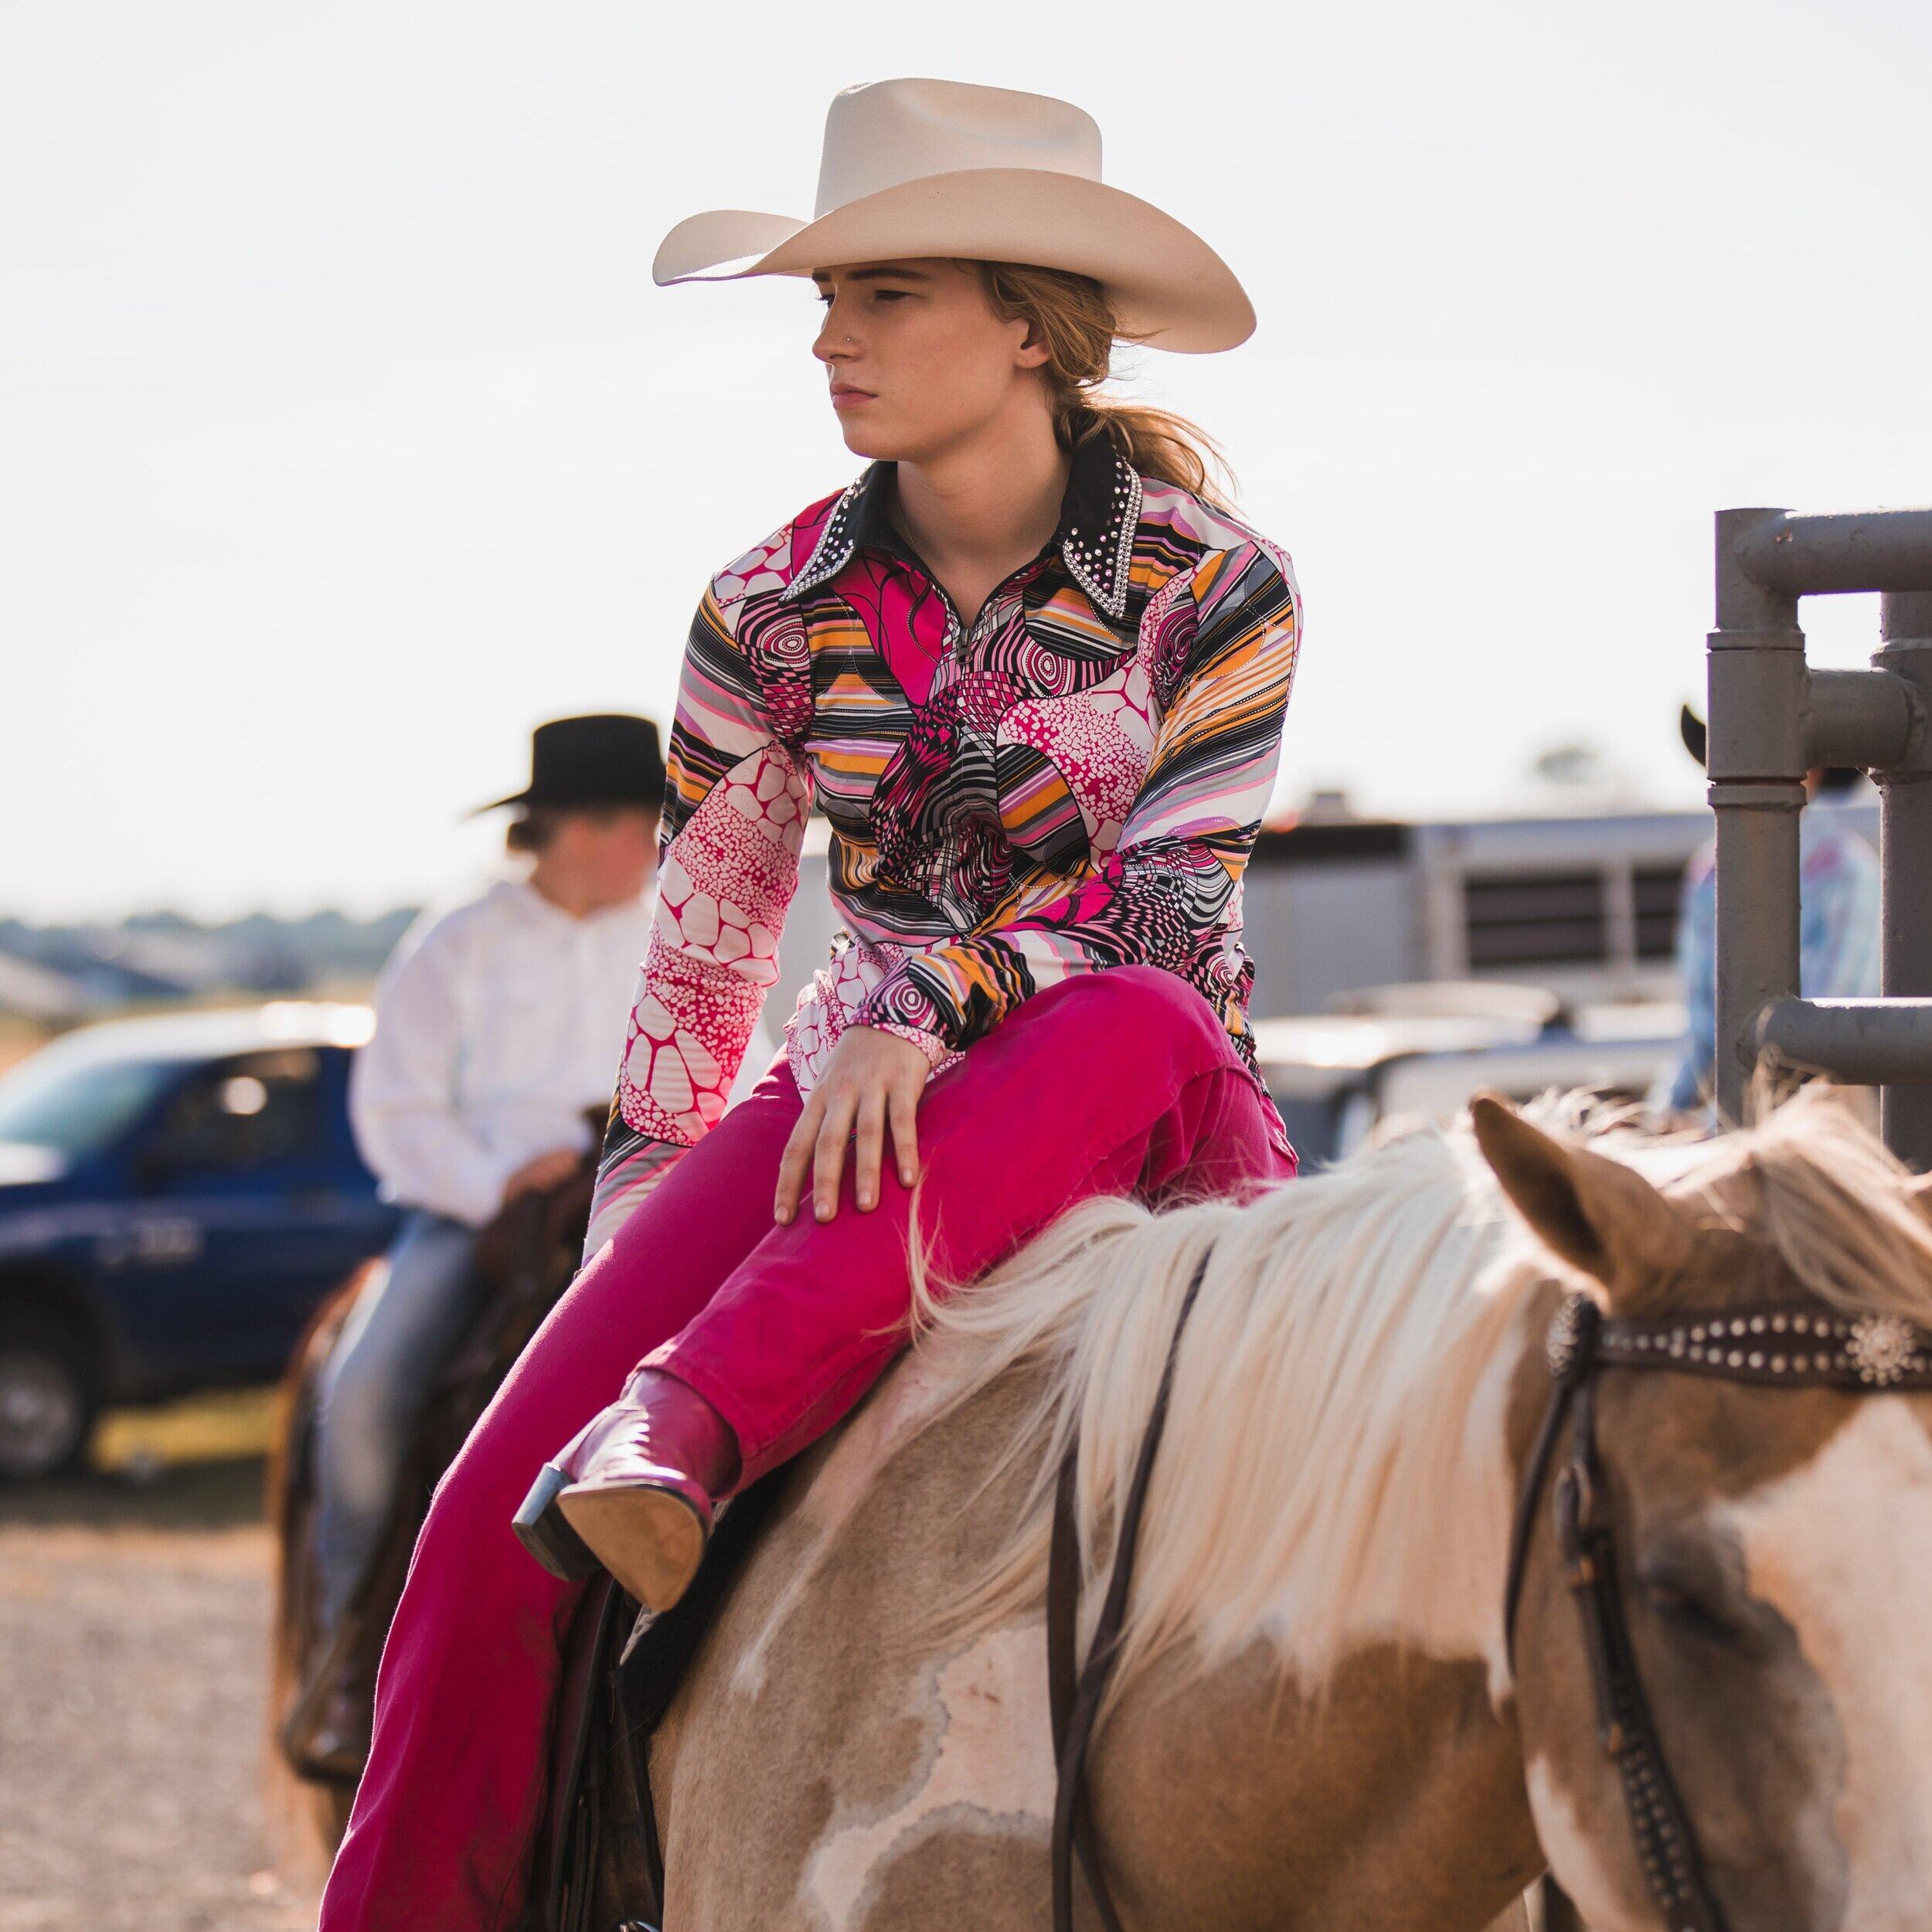 Washington Co. Fair Horse Show - August 17, 2019